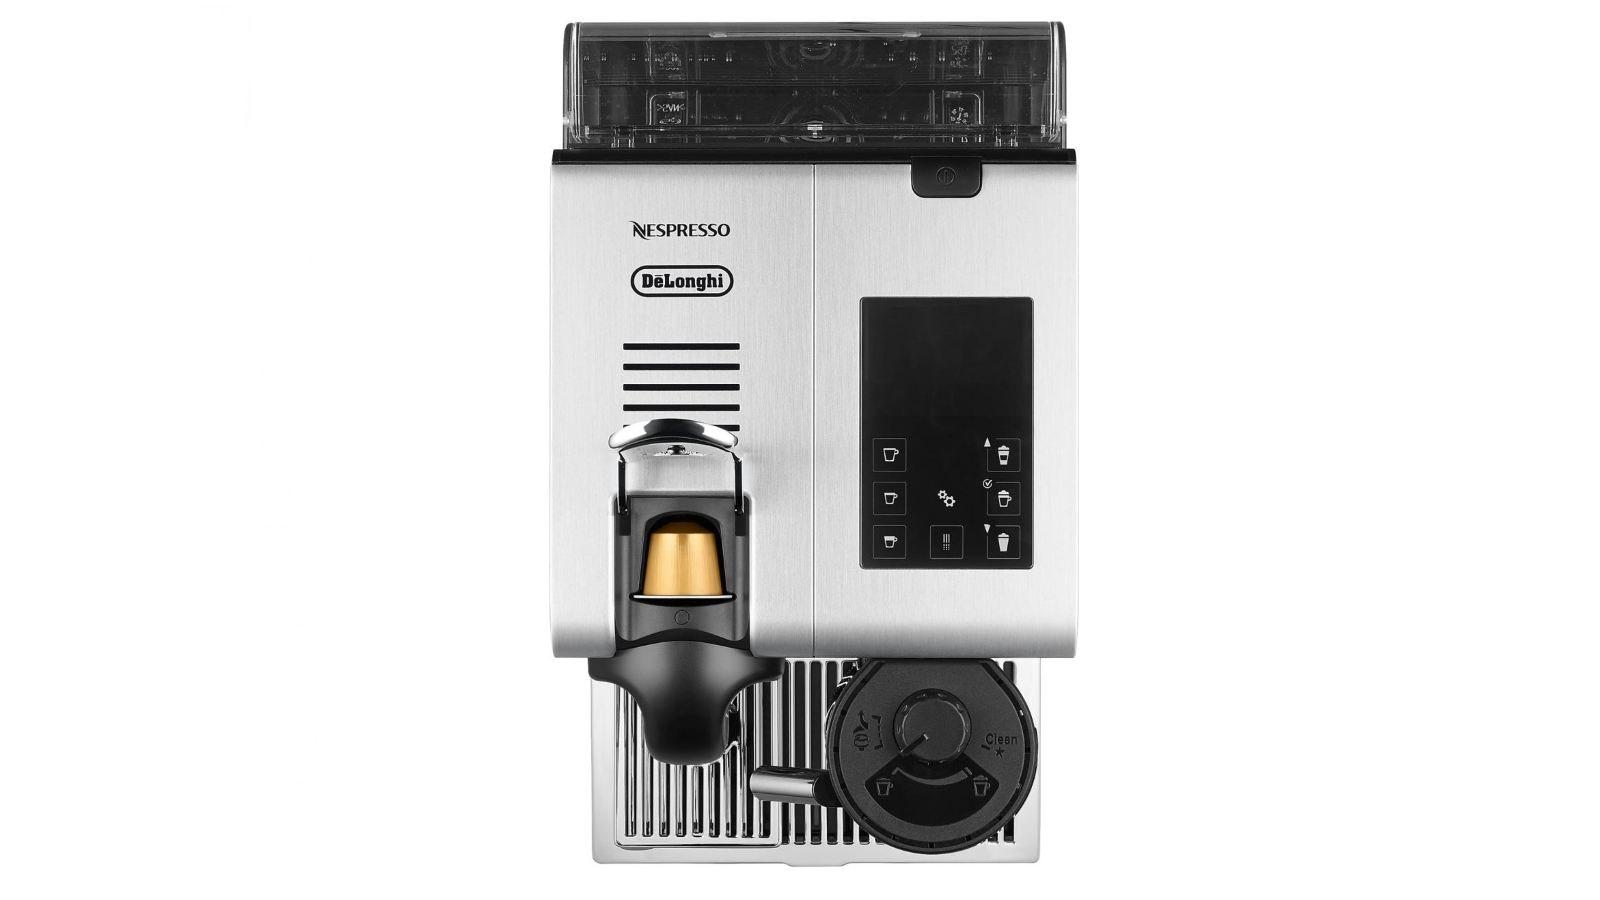 nespresso lattissima pro en 750mb coffee machine - Nespresso Lattissima Pro